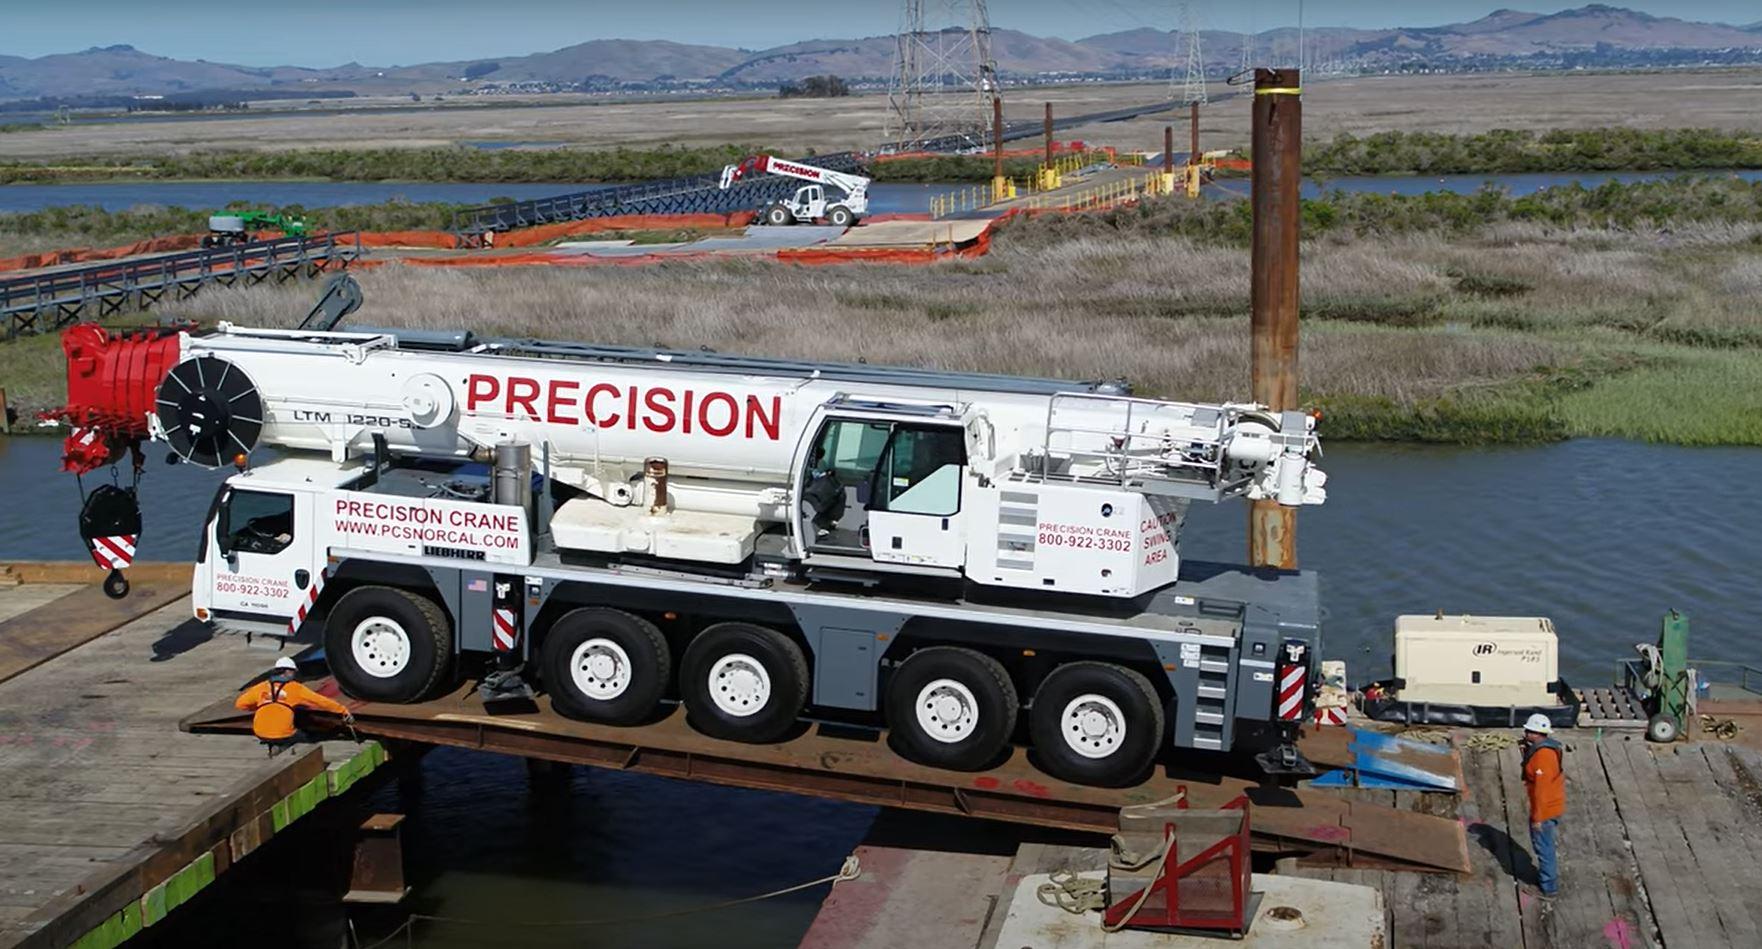 ltm-1220-on-barge-3